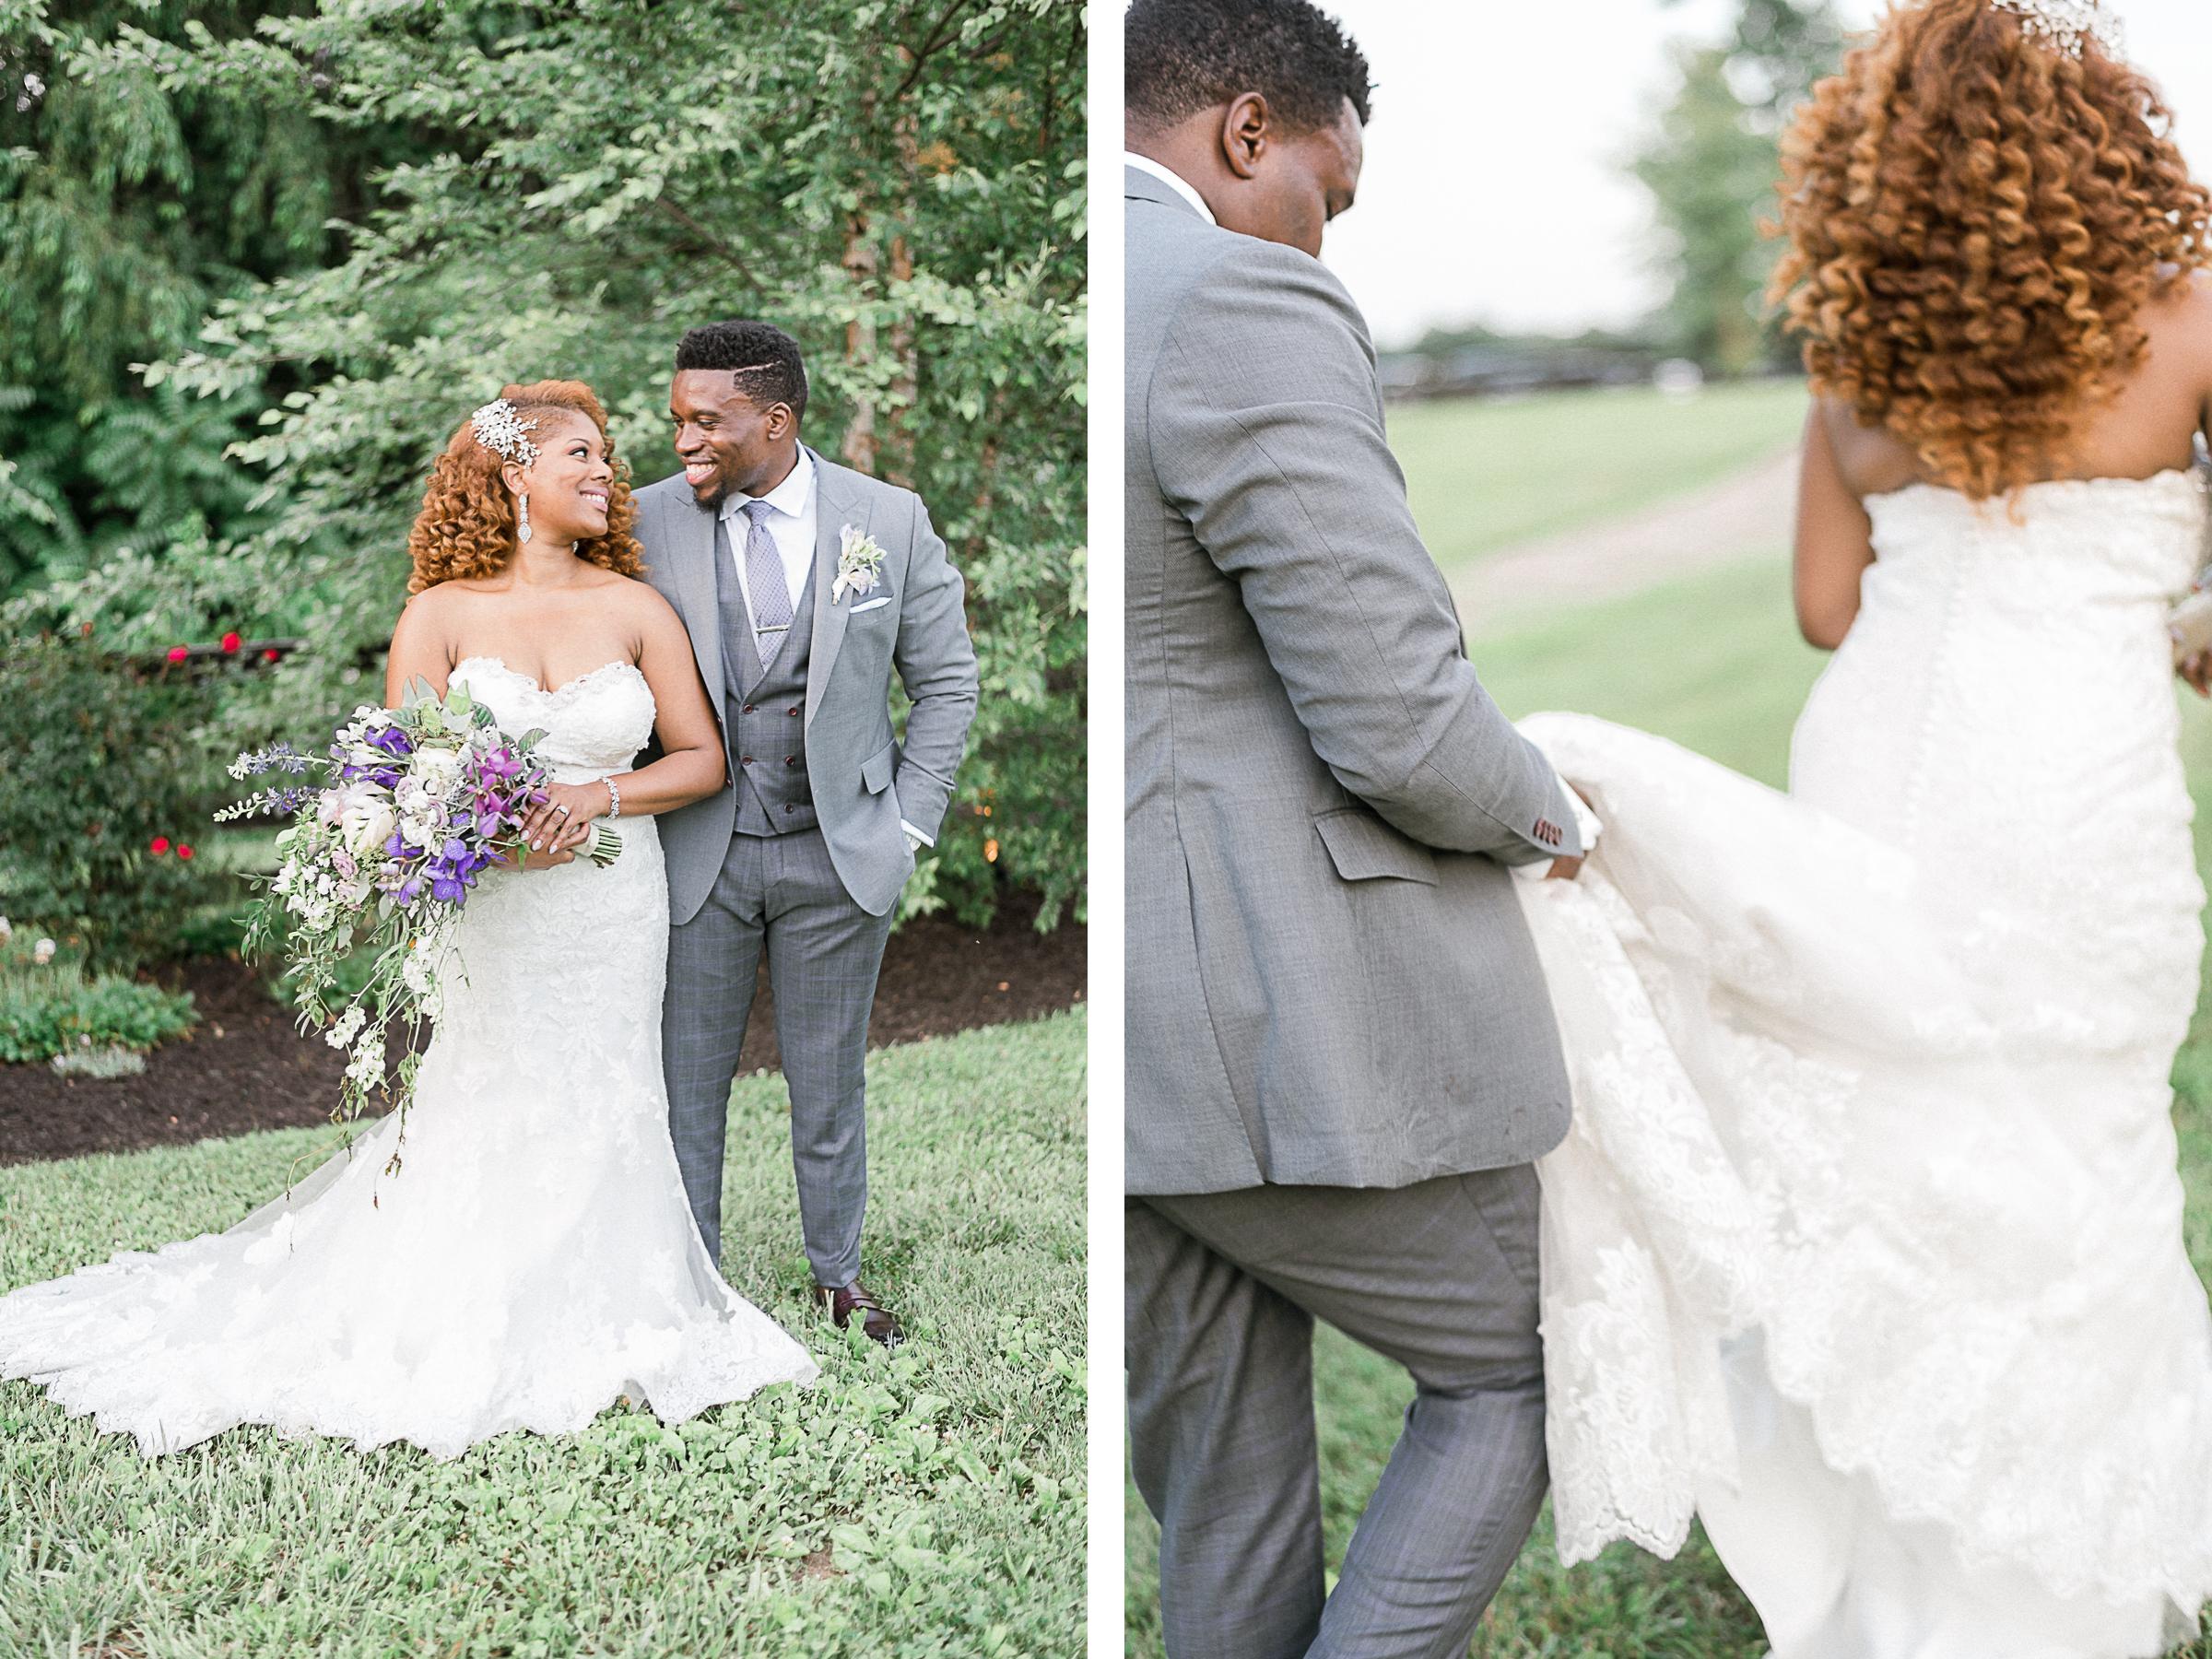 VA-Wedding-Mount-Ida-Farm-Summer-Wedding-91.jpg